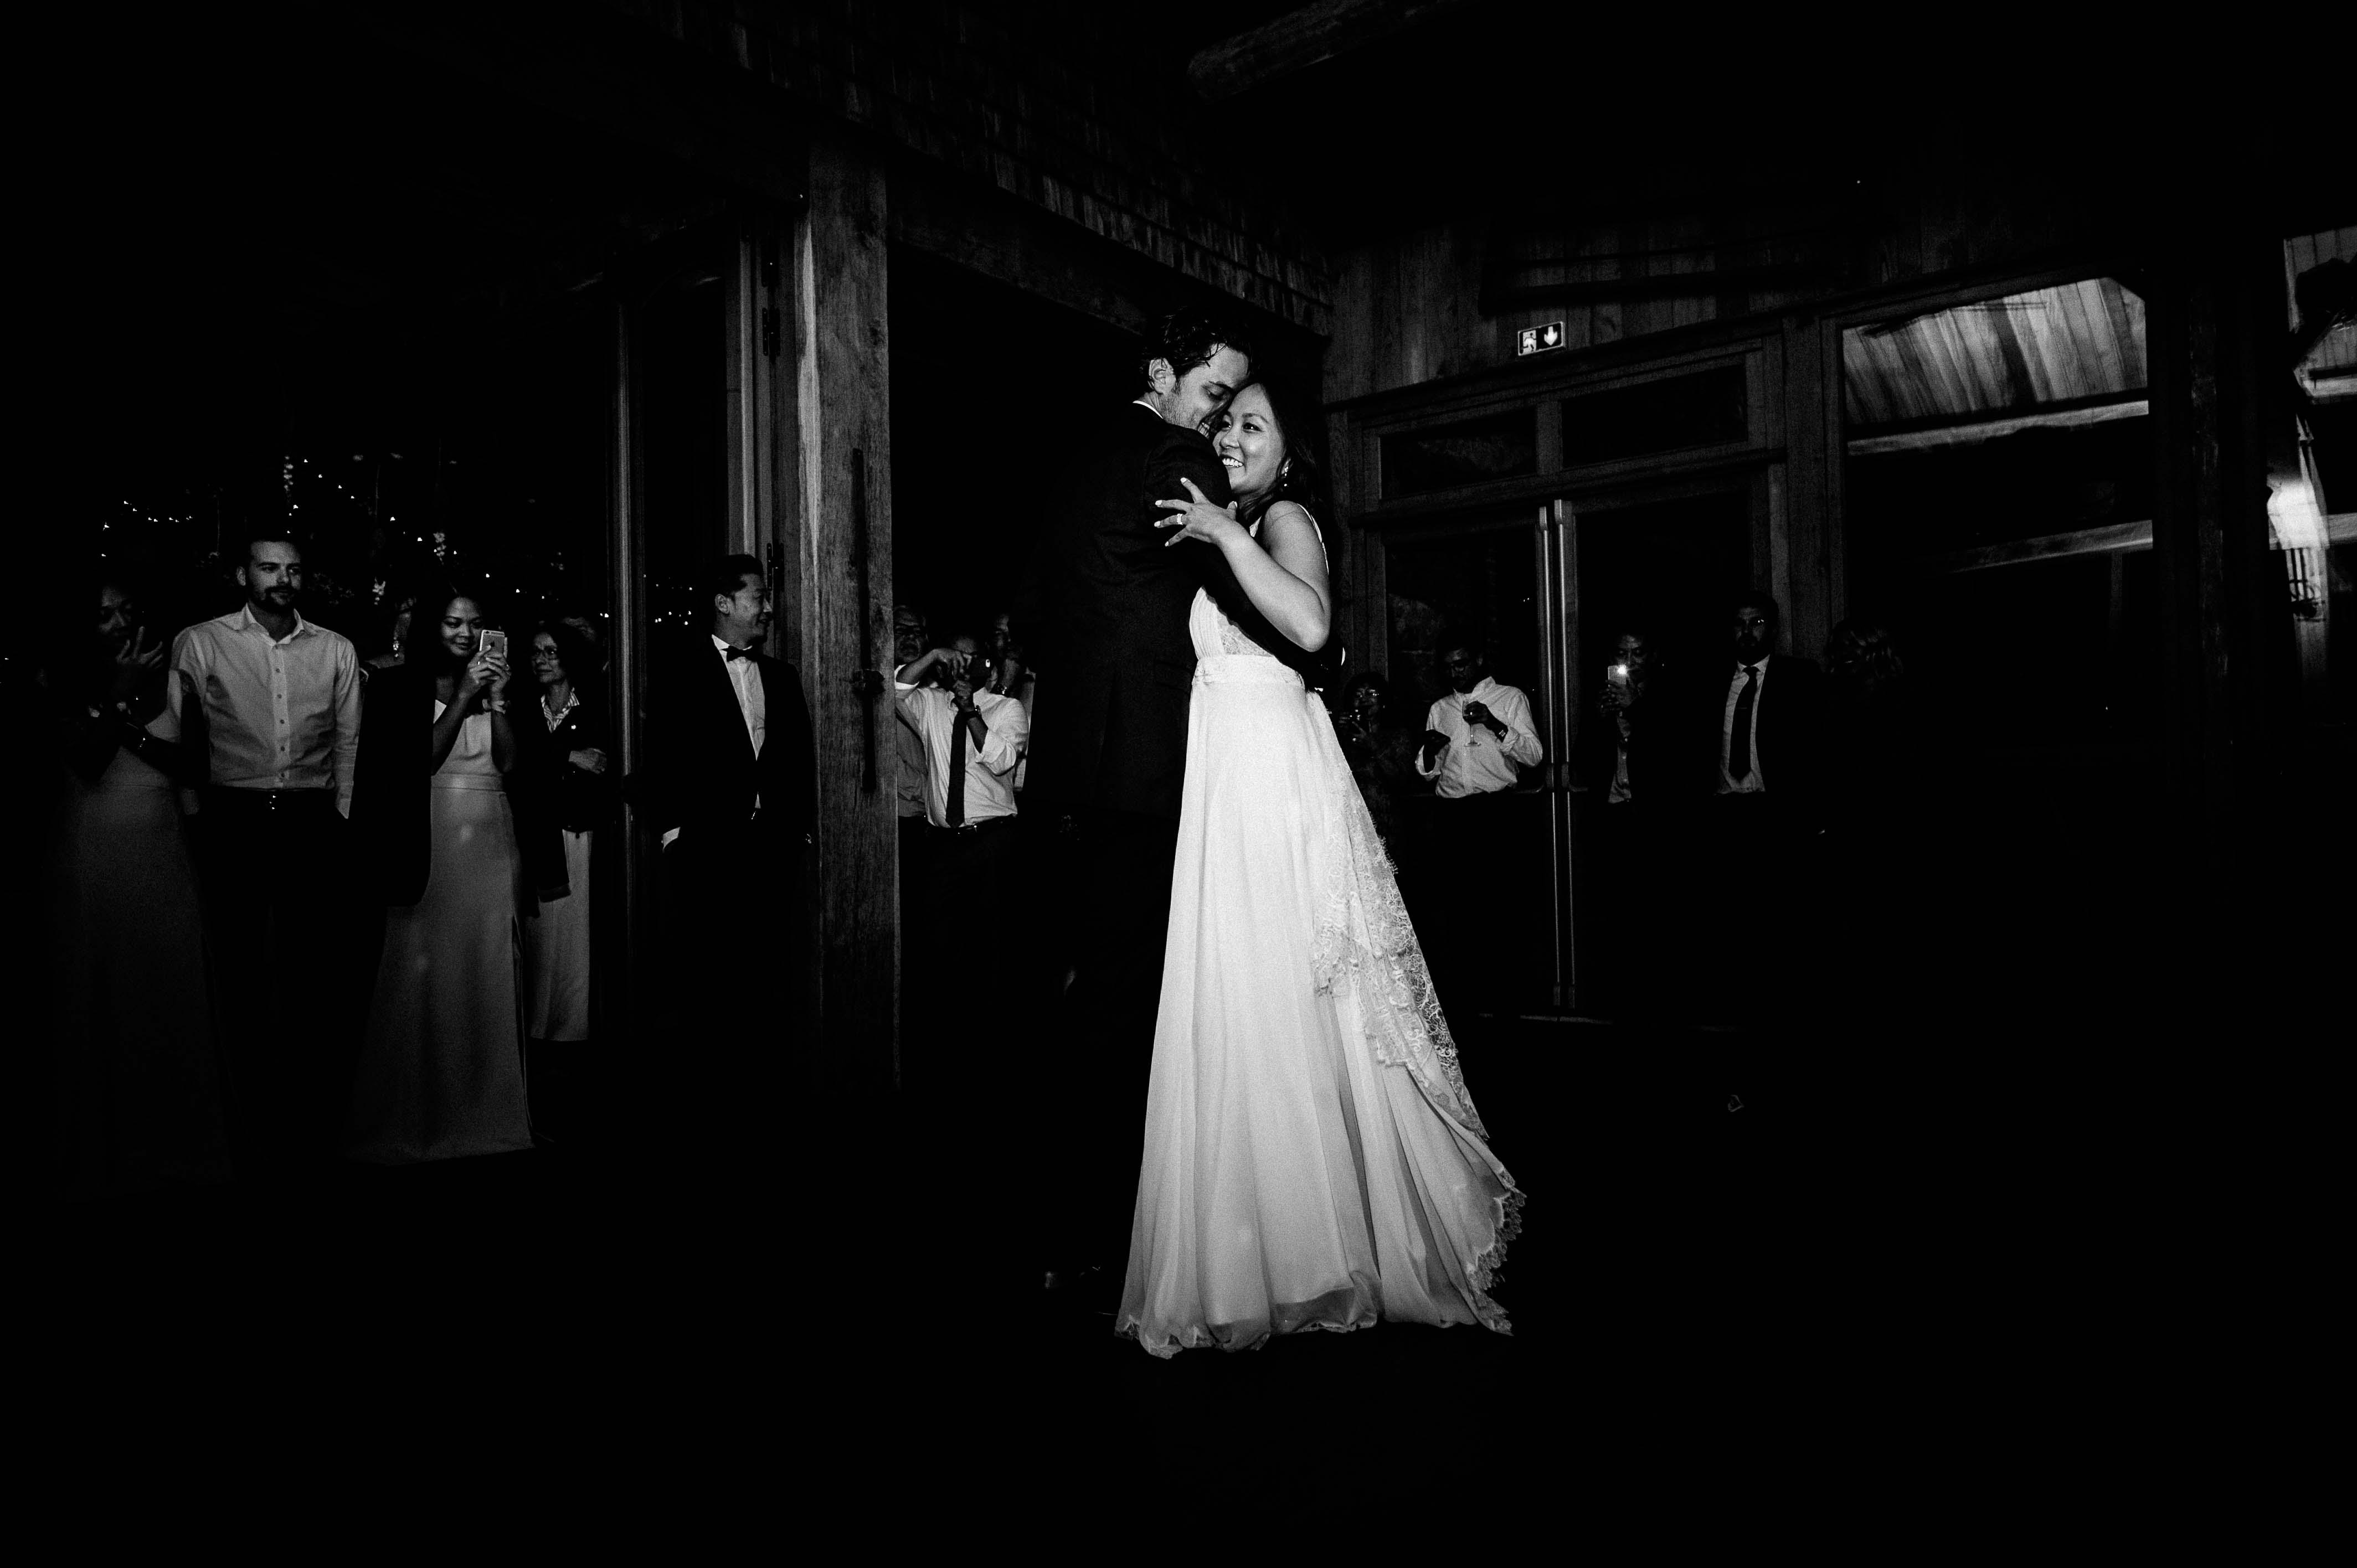 Photographe de mariage en Dordogne au domaine d'Essendiéras - Wedding photographer at Château du domaine d'Essendieras in Dordogne